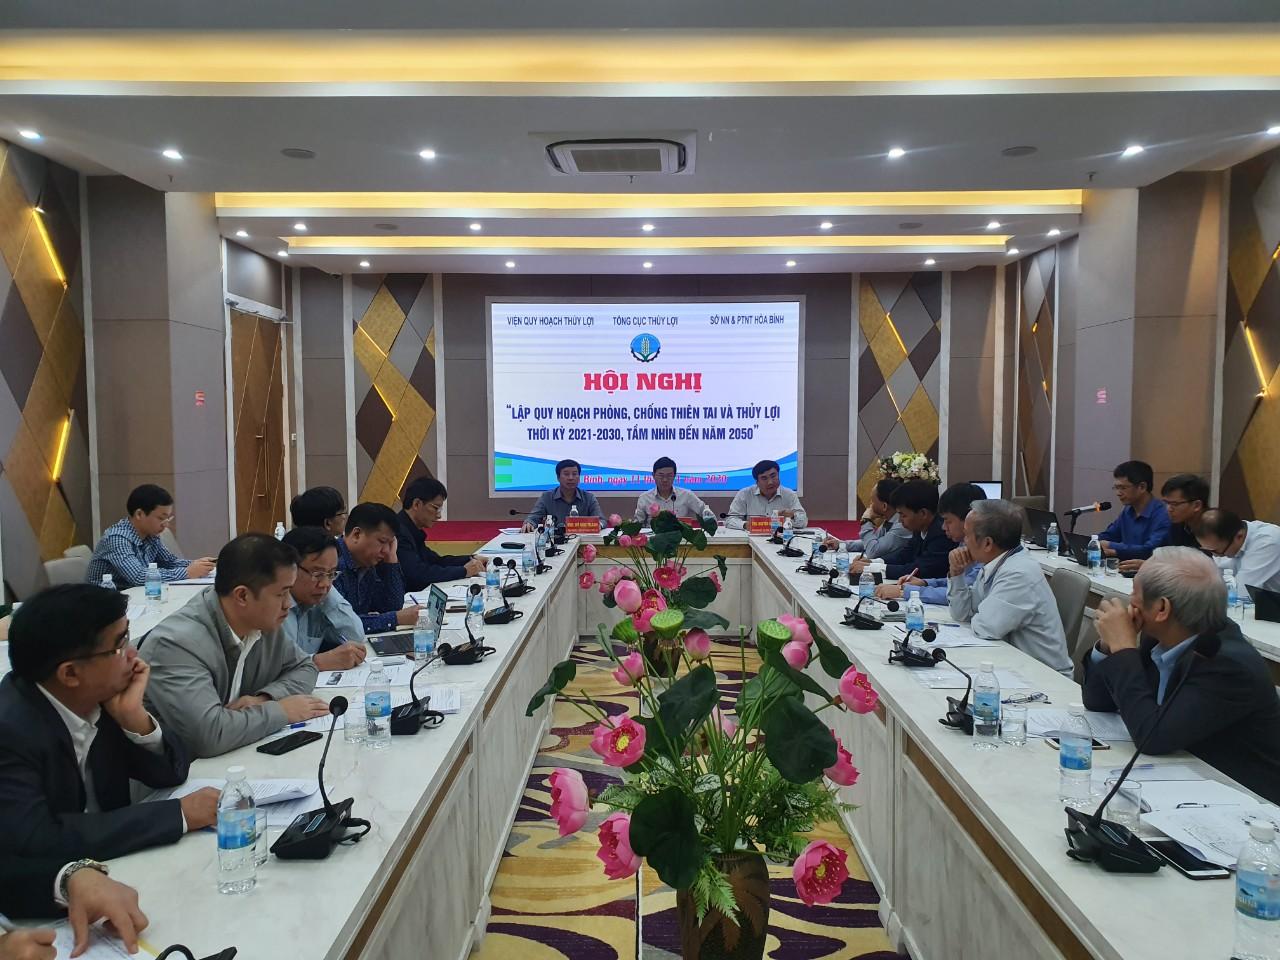 Hội thảo khởi đầu Quy hoạch phòng chống thiên tai, thủy lợi thời kỳ 2021 - 2030, tầm nhìn đến năm 2050 cho khu vực Tây Bắc.